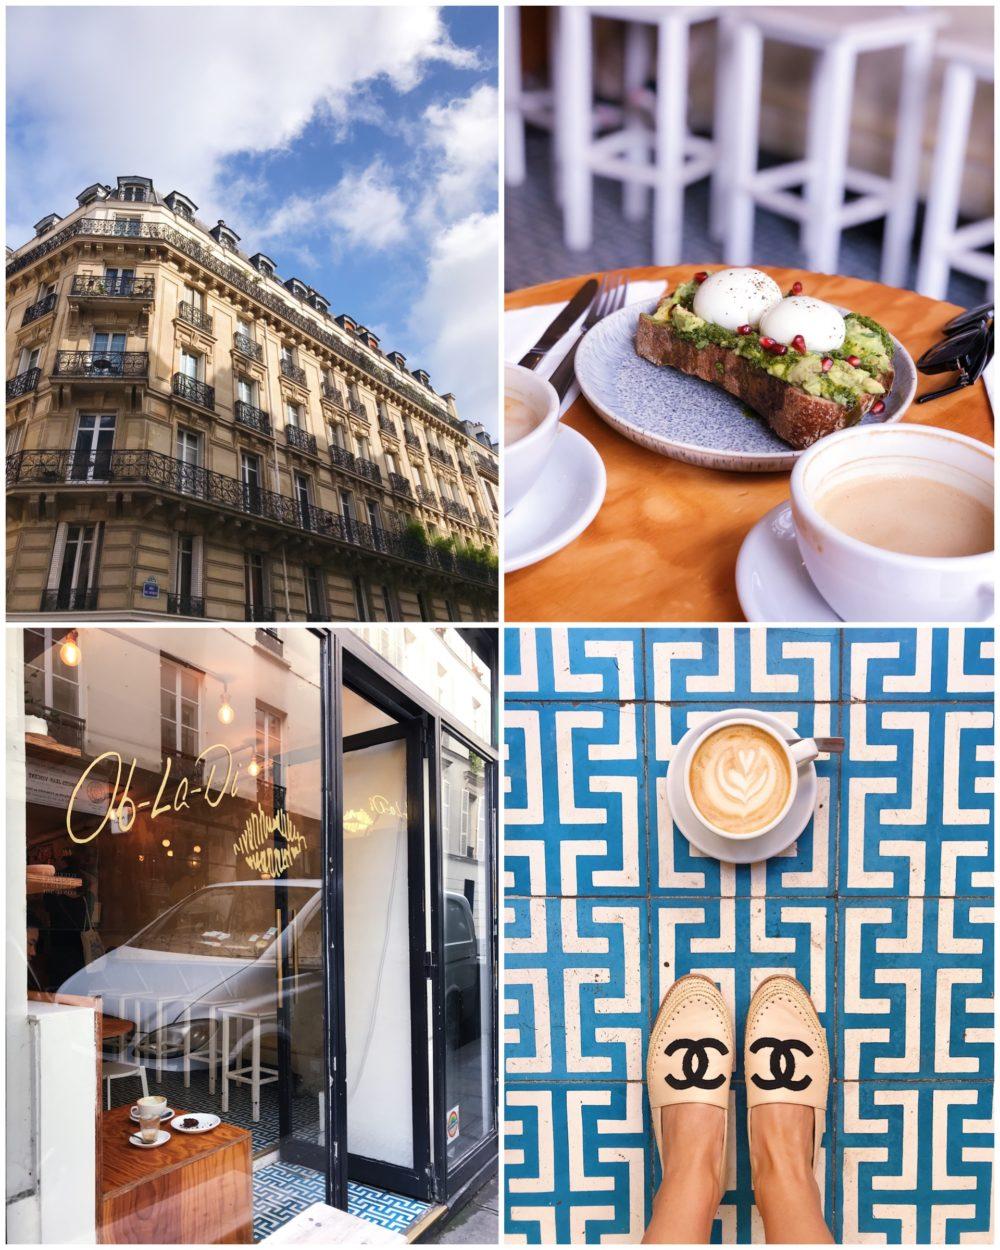 Paris-France-Ob-La-Di-e1530904141437.jpg